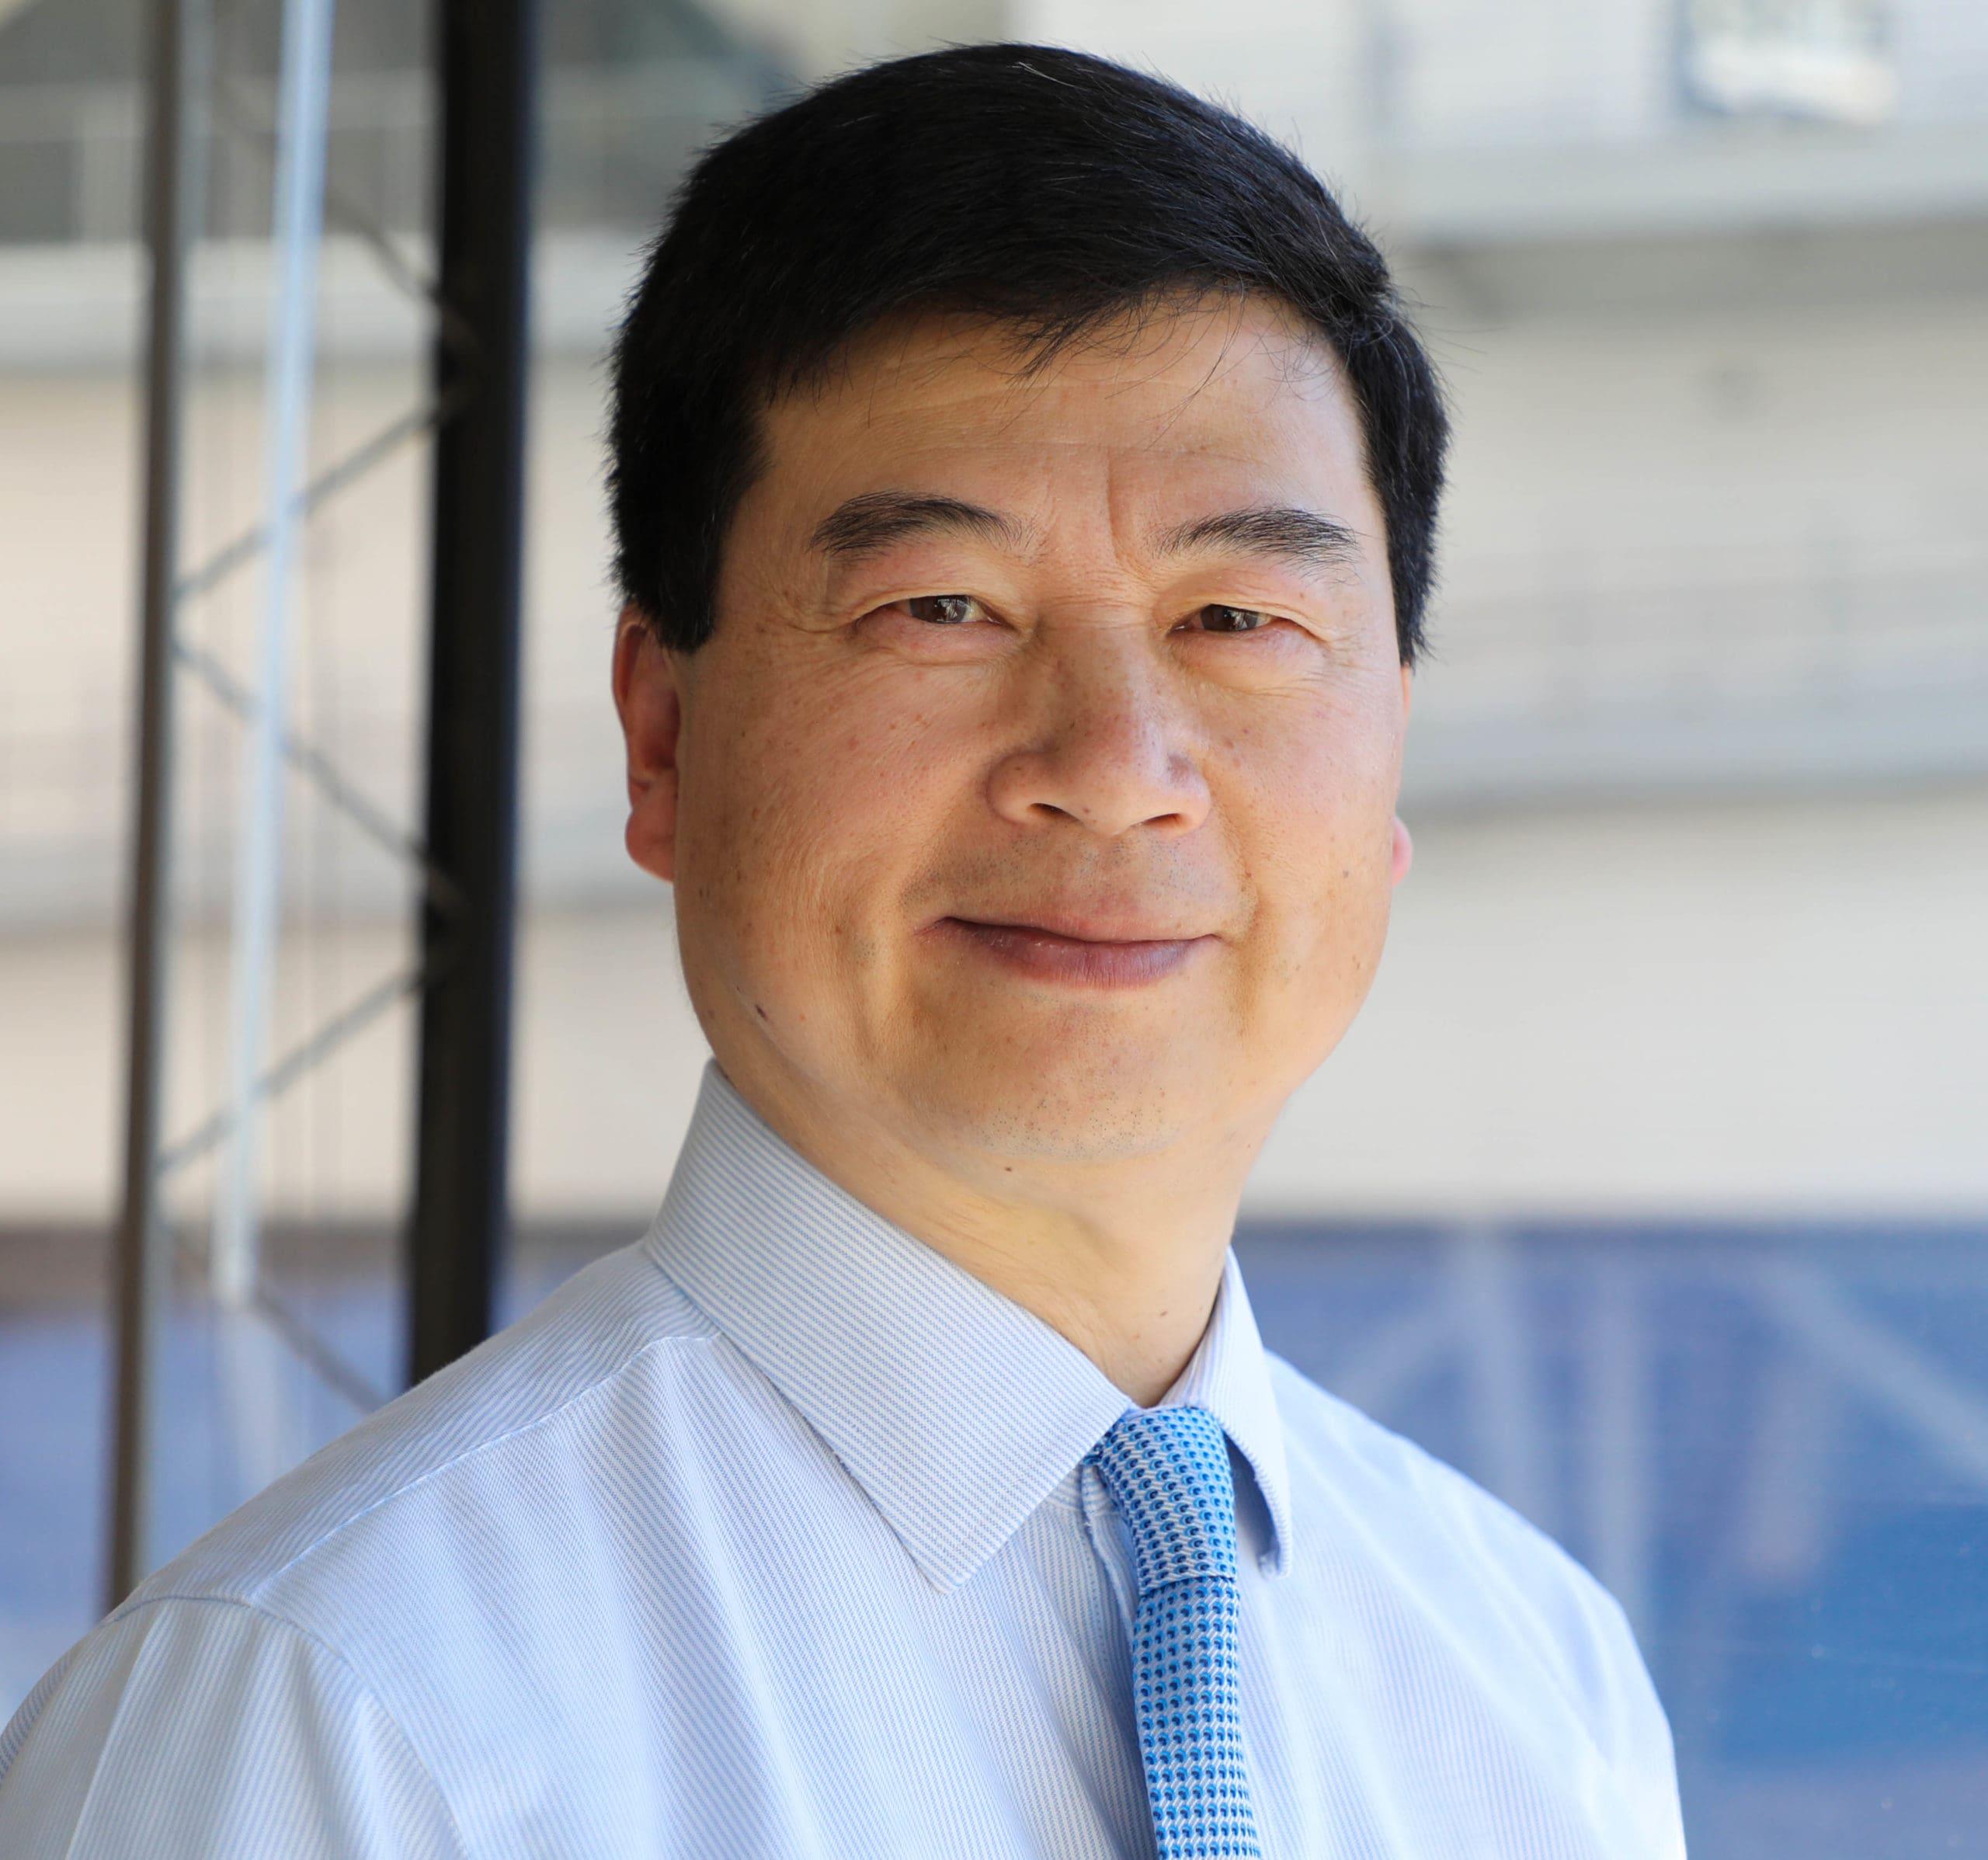 Dr Pui-Yan Kwok